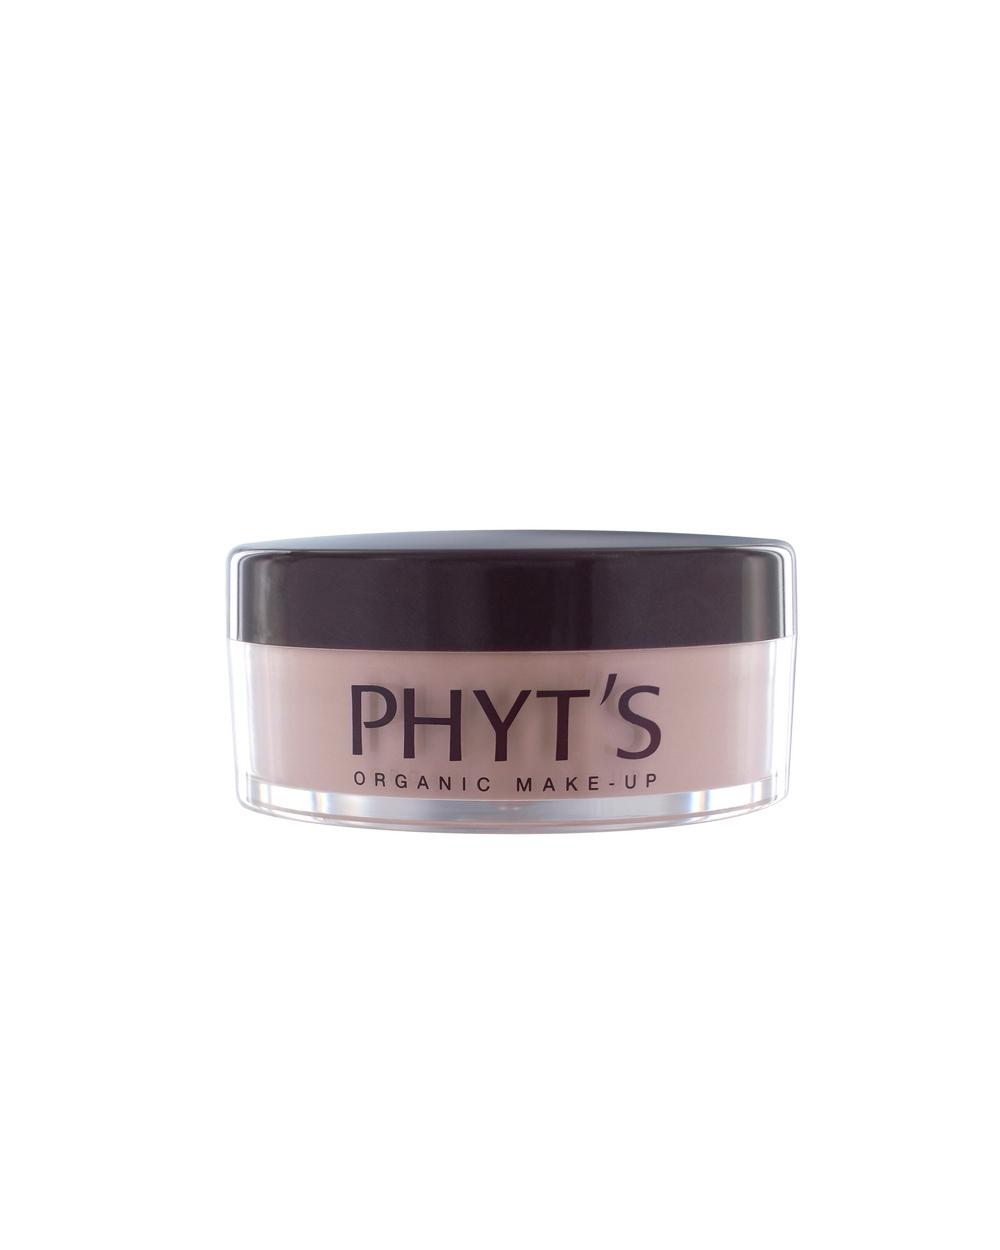 Phyts 260 poudre caresse embellissetvous fr